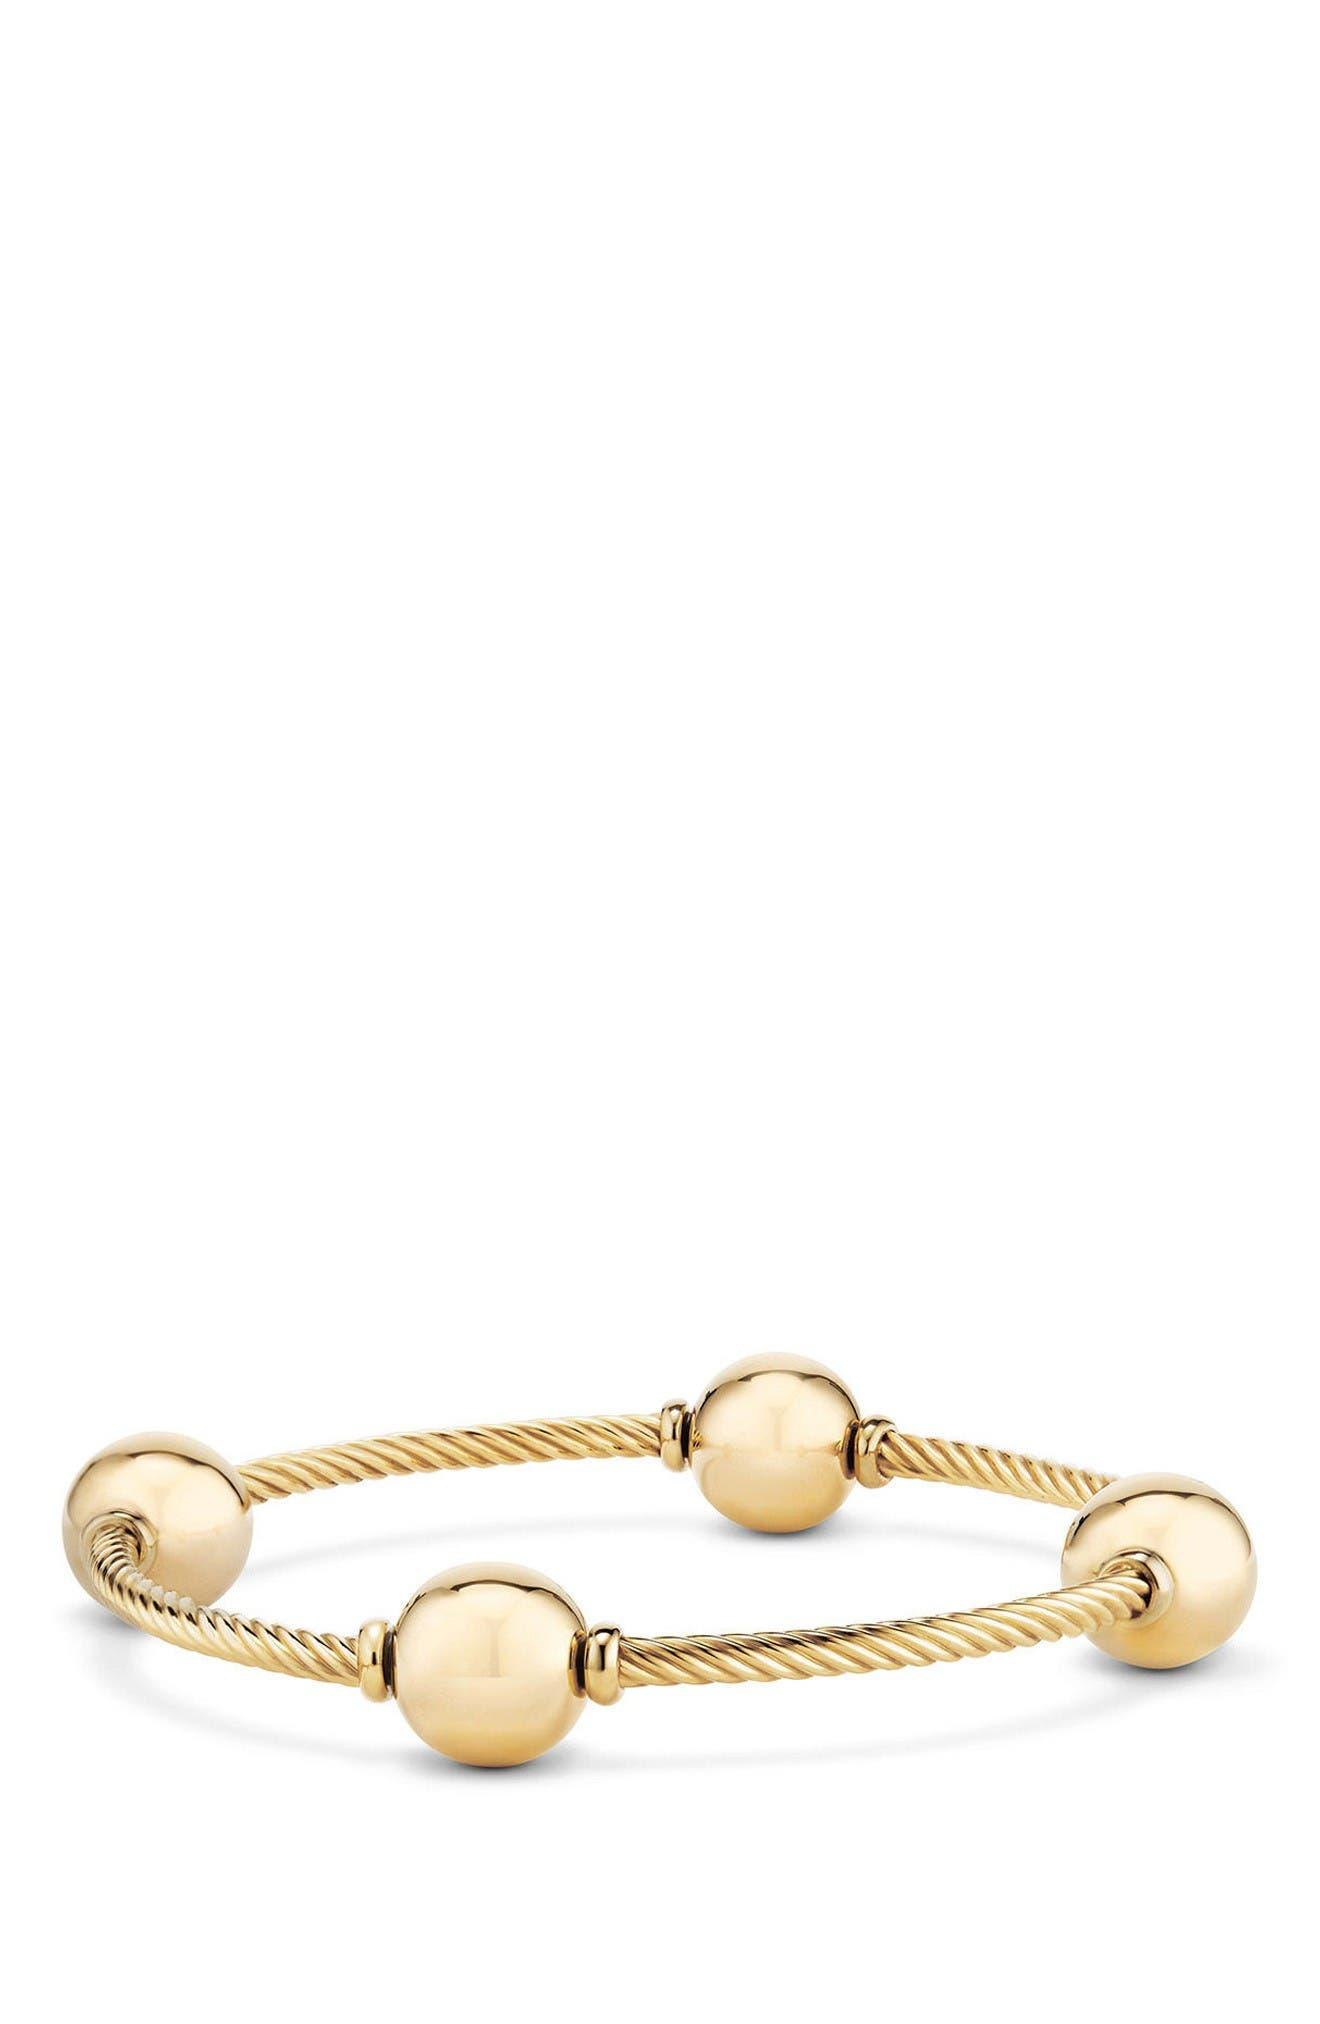 Main Image - David Yurman Mustique Four Station Bangle Bracelet in 18K Gold